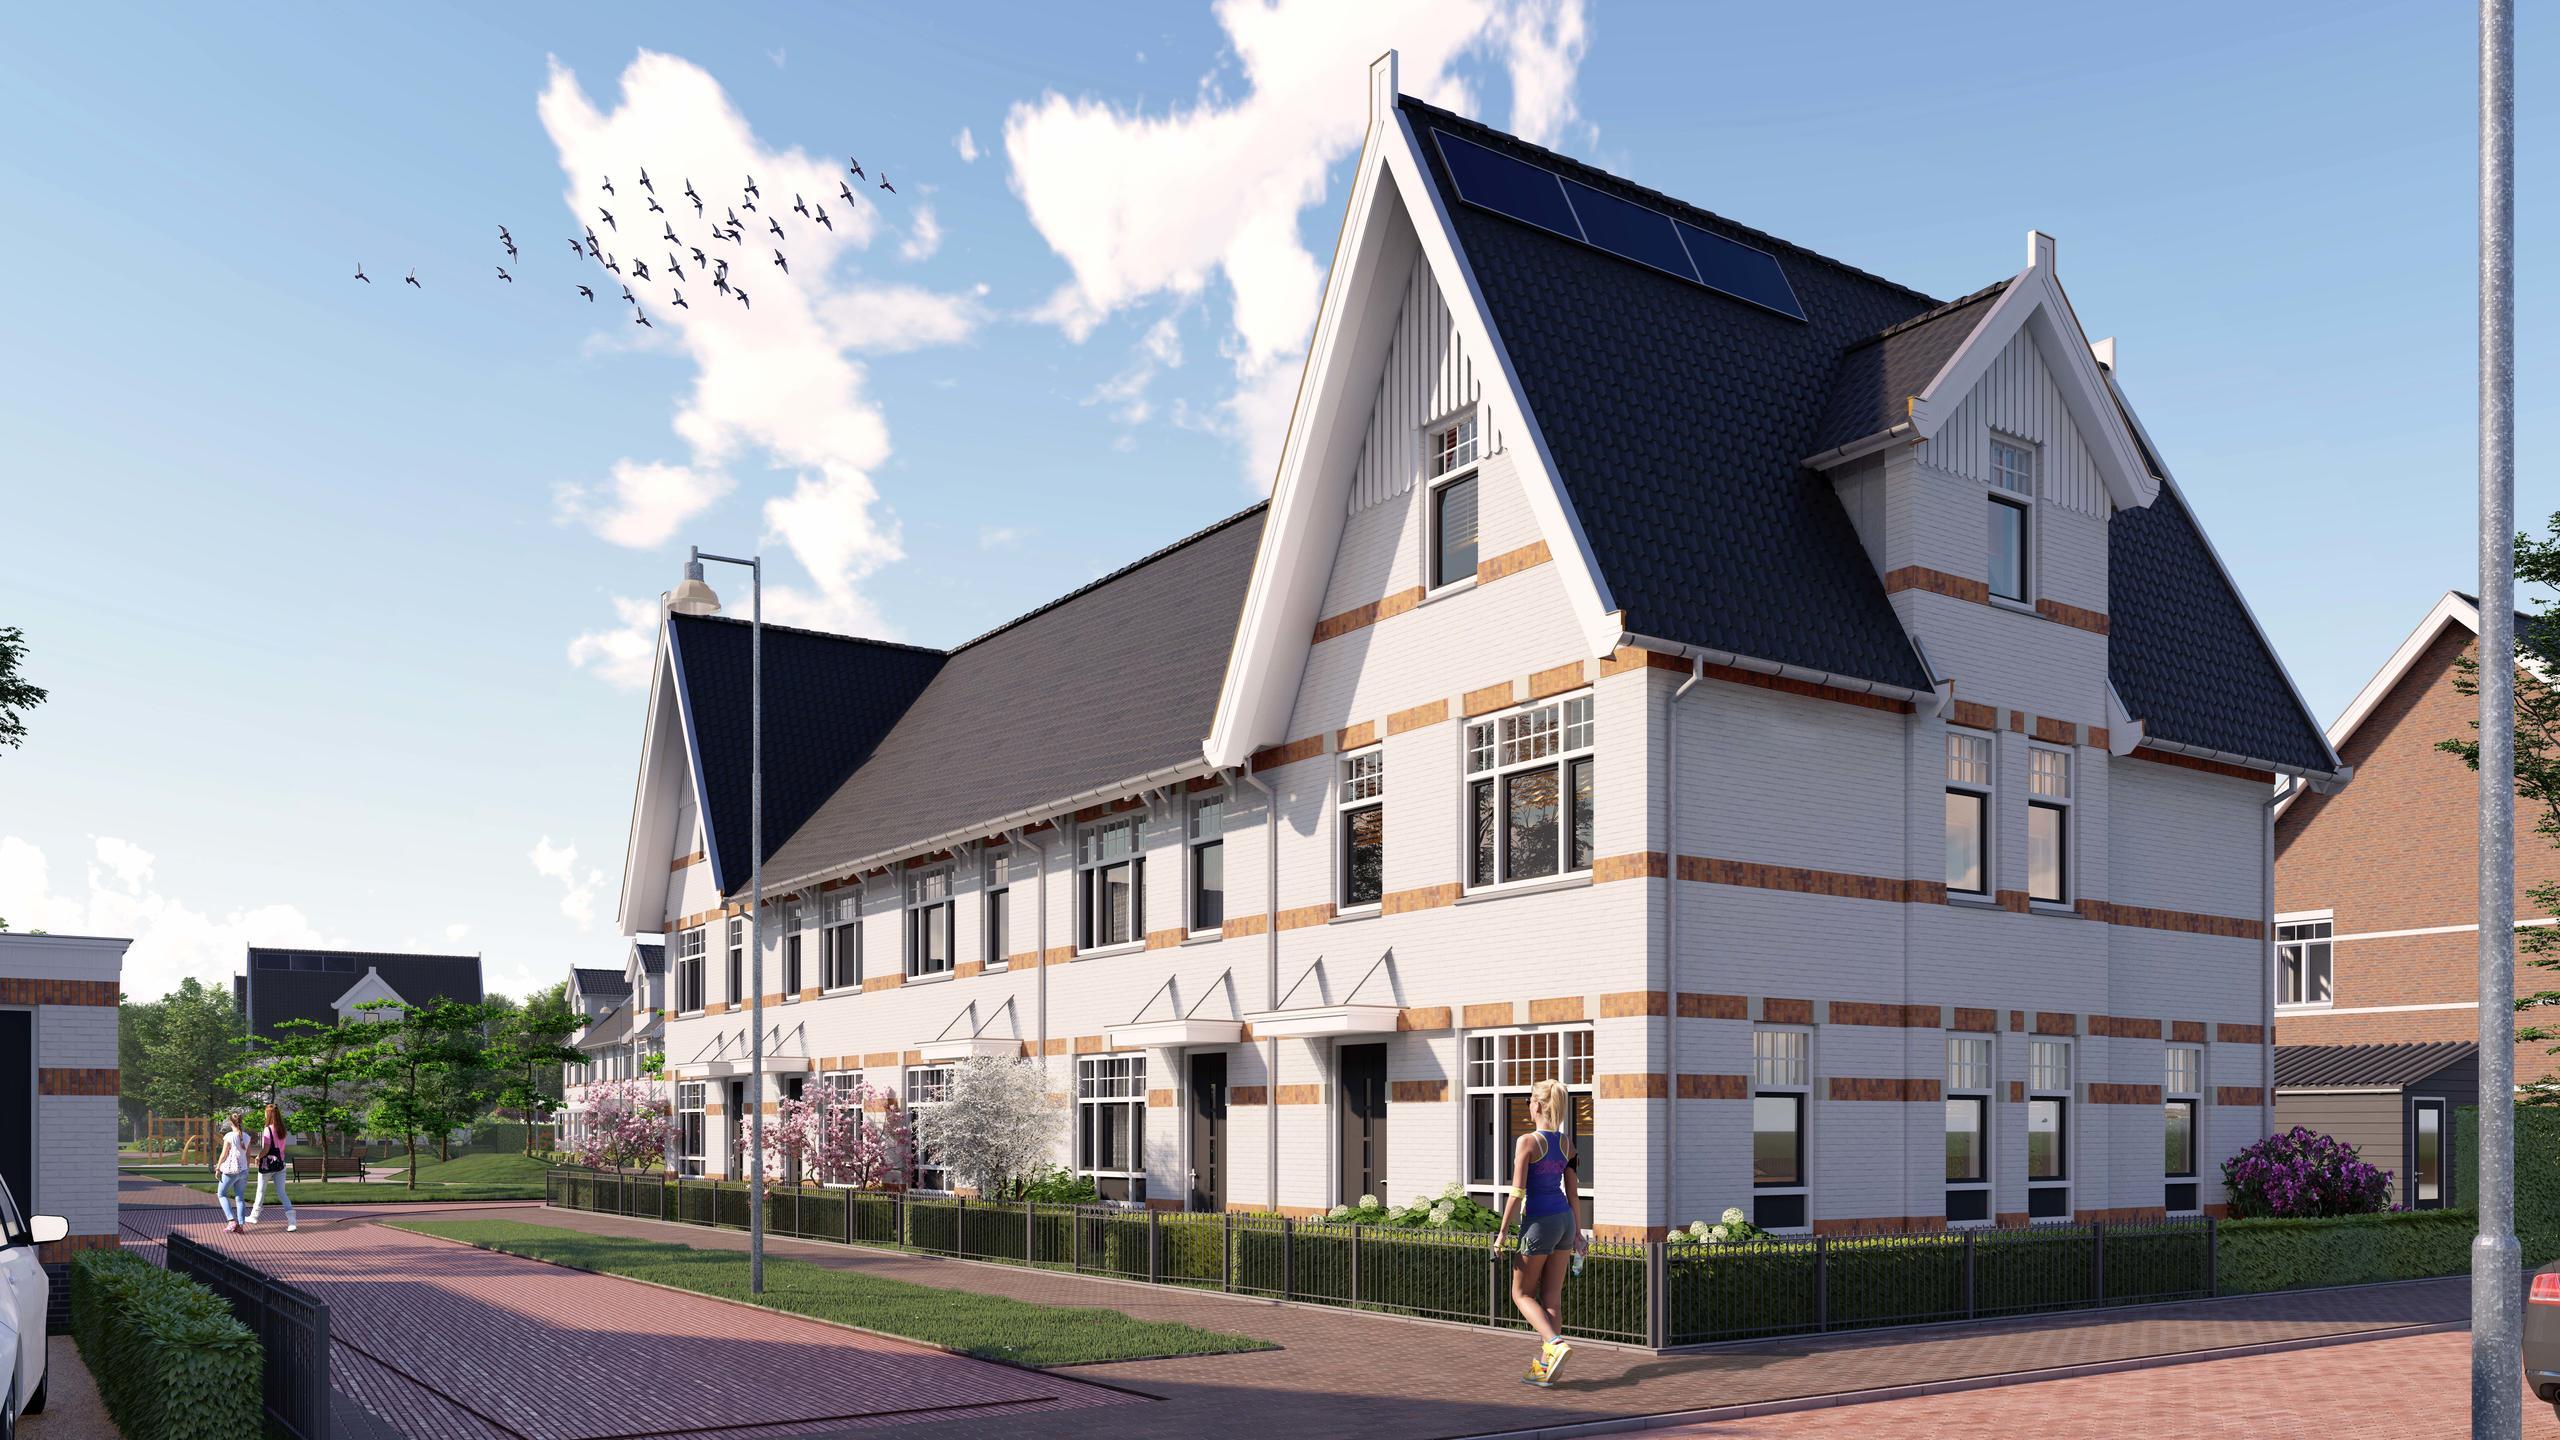 Lunshof makelaars Amstelveen en Amsterdam - Fort Blauwkapelhof 35  Weesp